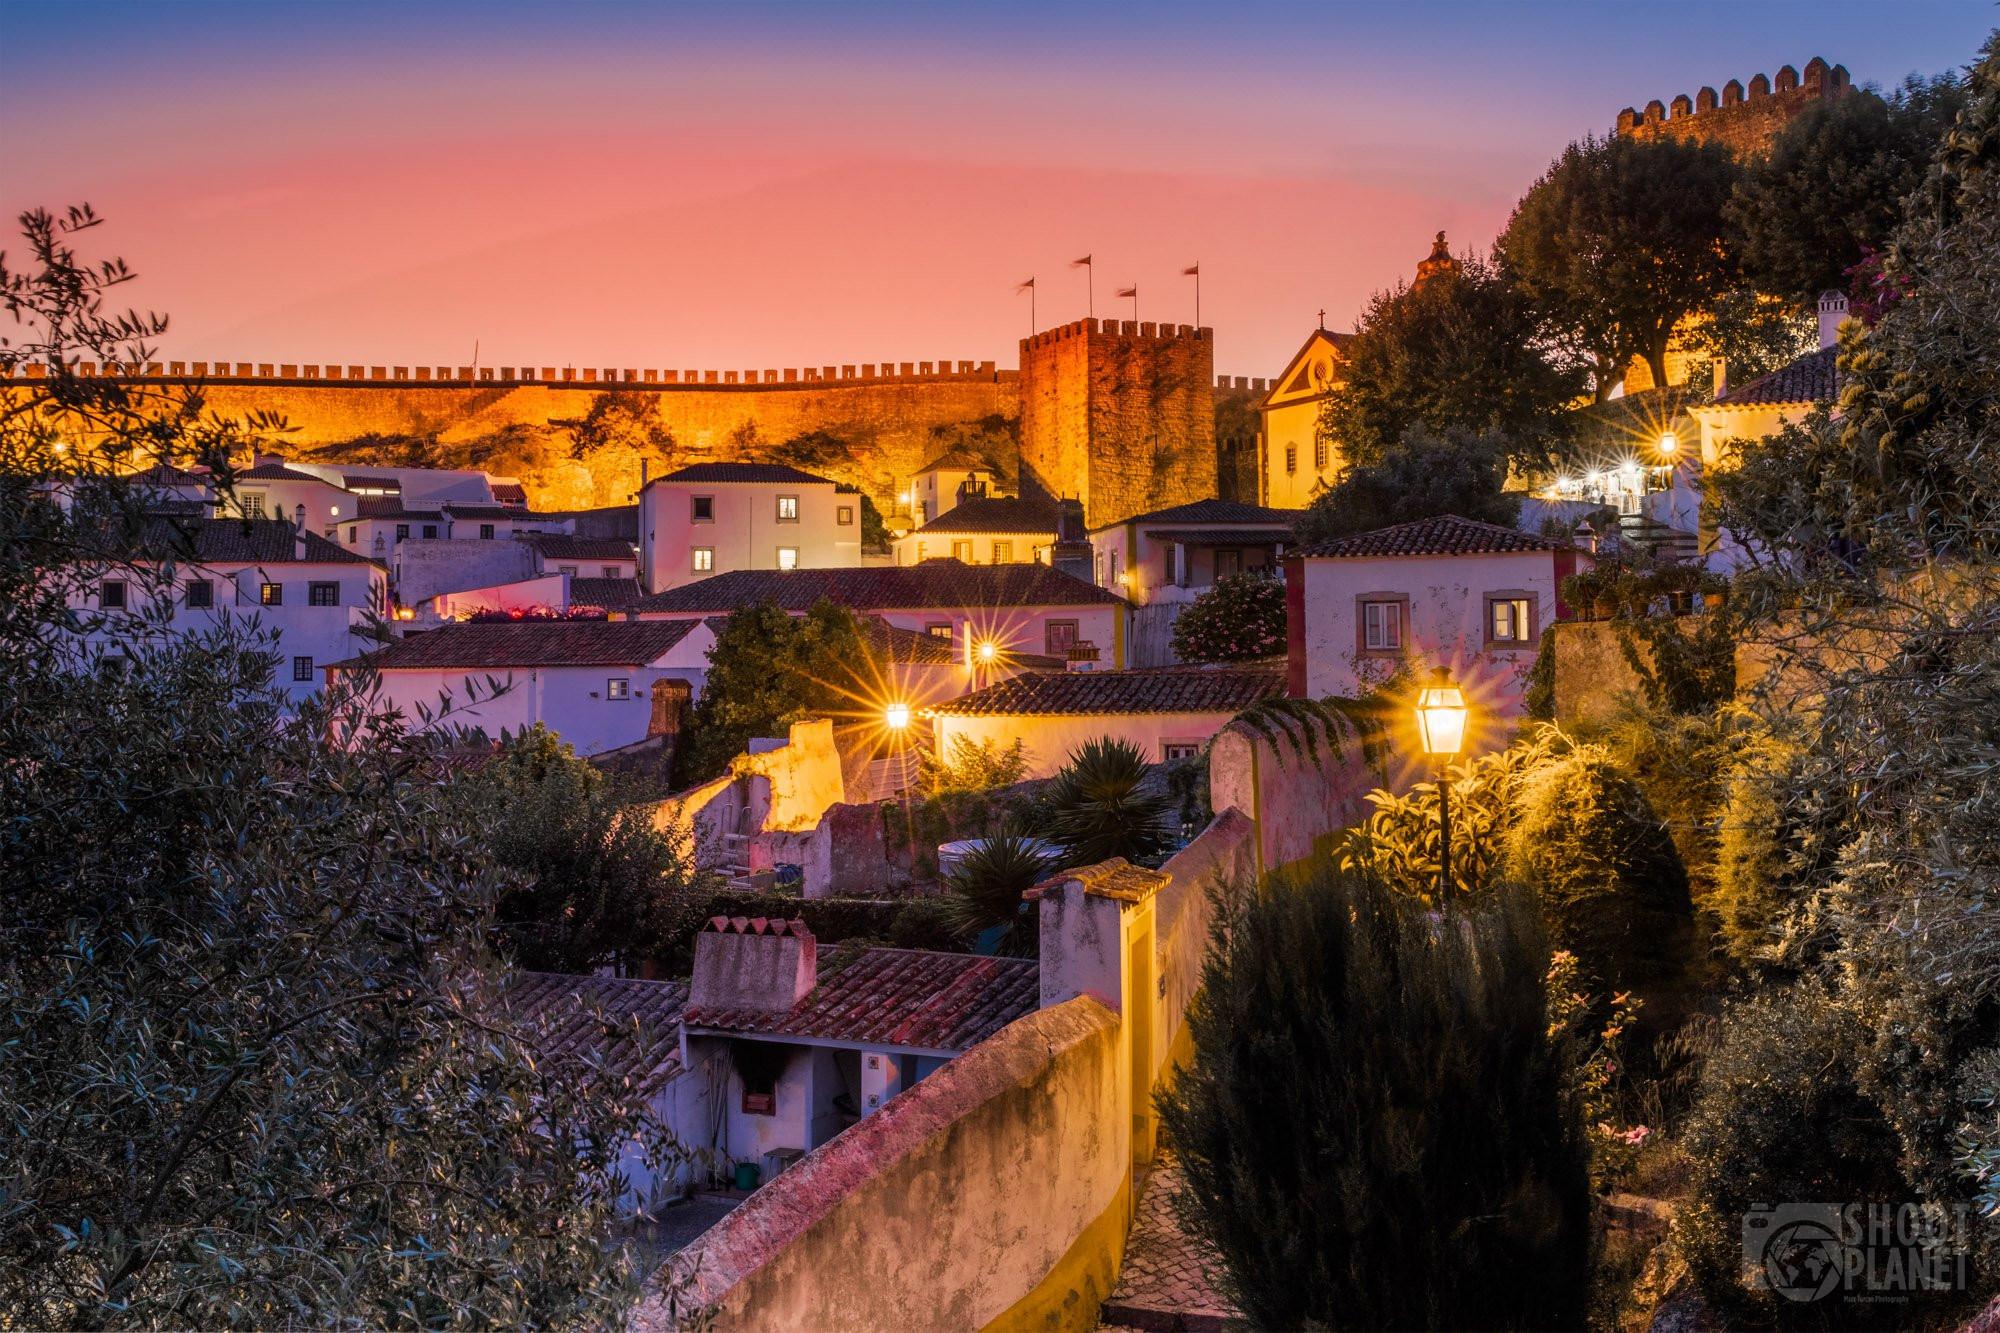 Lit-up city Obidos village sunset, Portugal